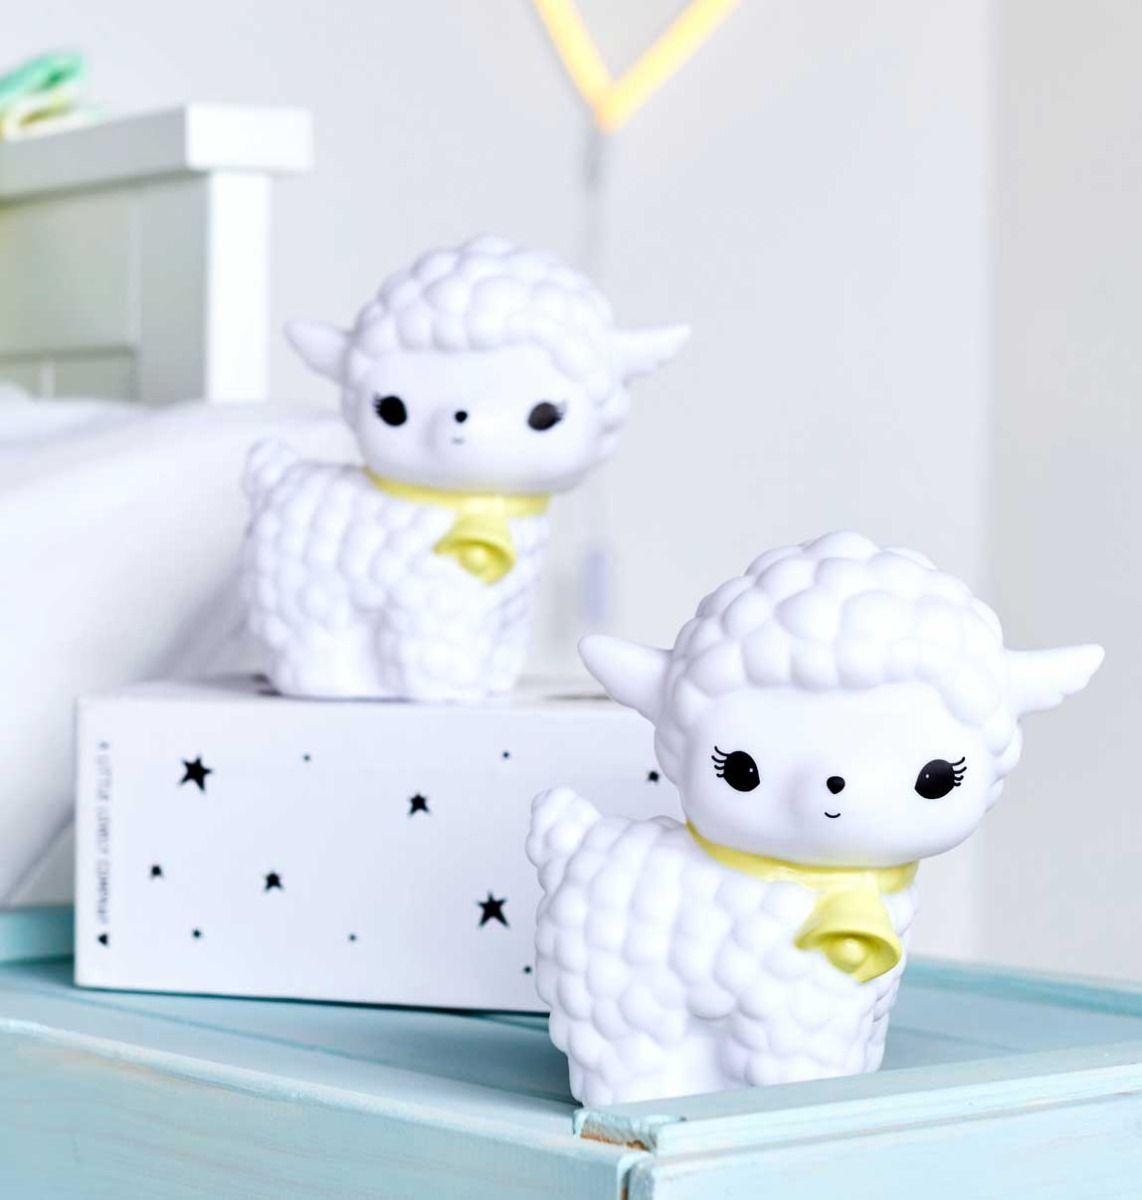 מנורת לילה לחדרי ילדים כיבשה לבנה